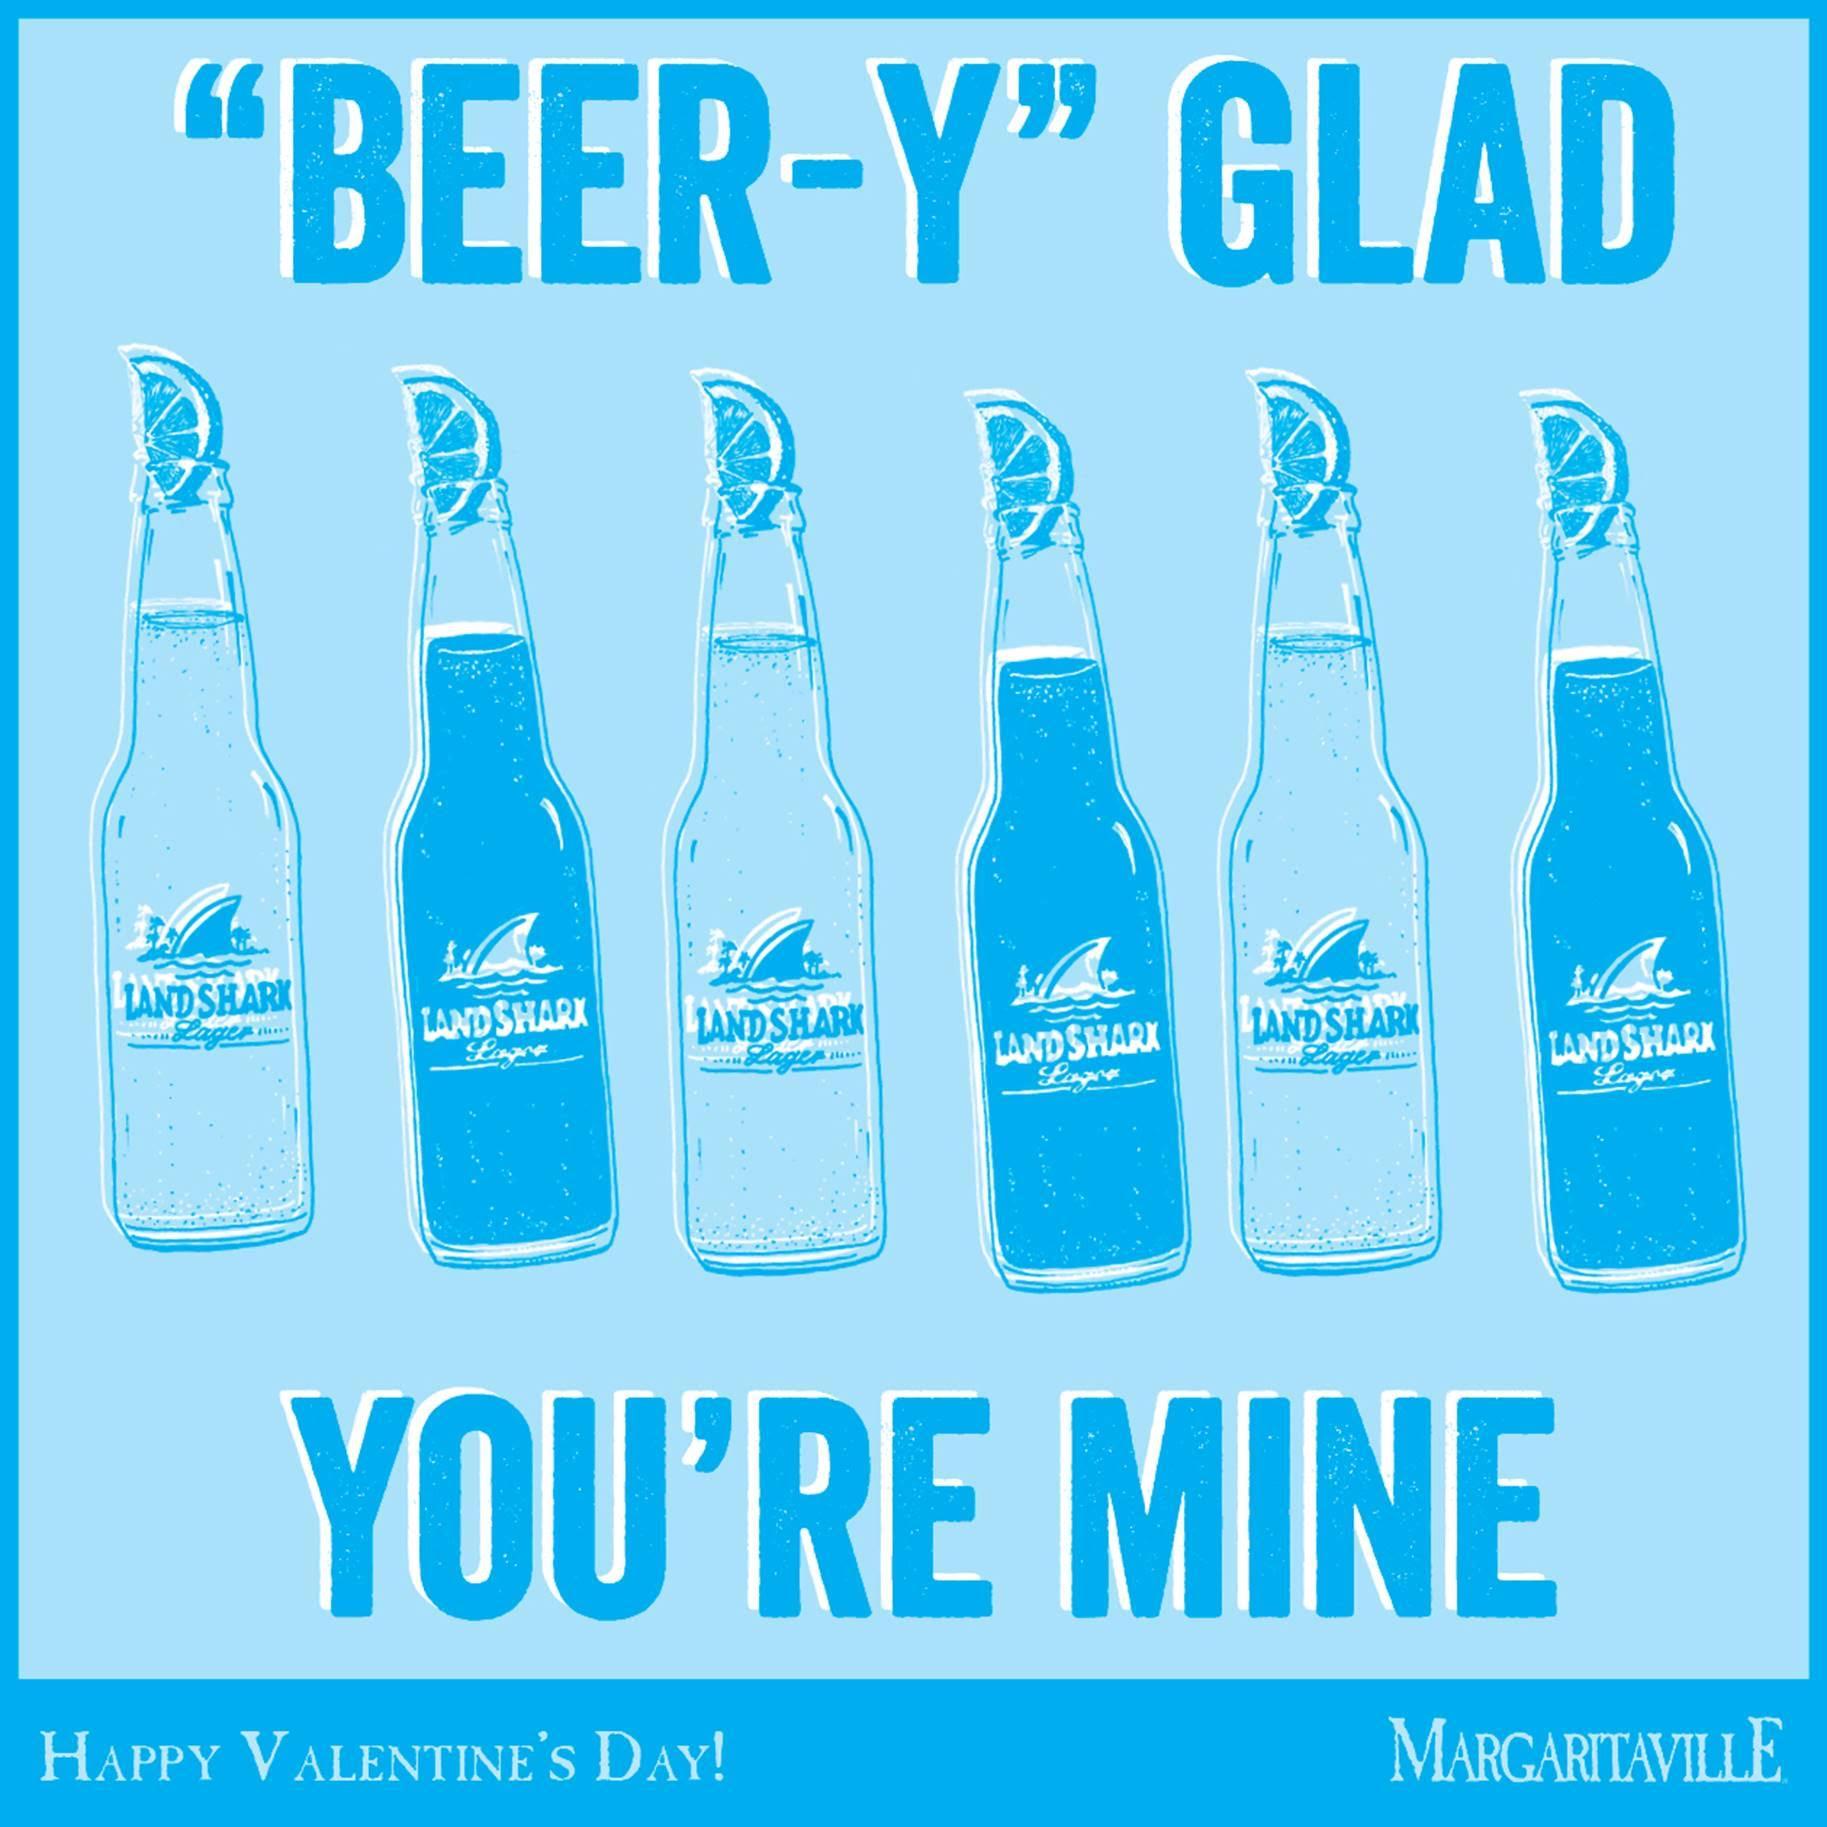 beer-y-glad